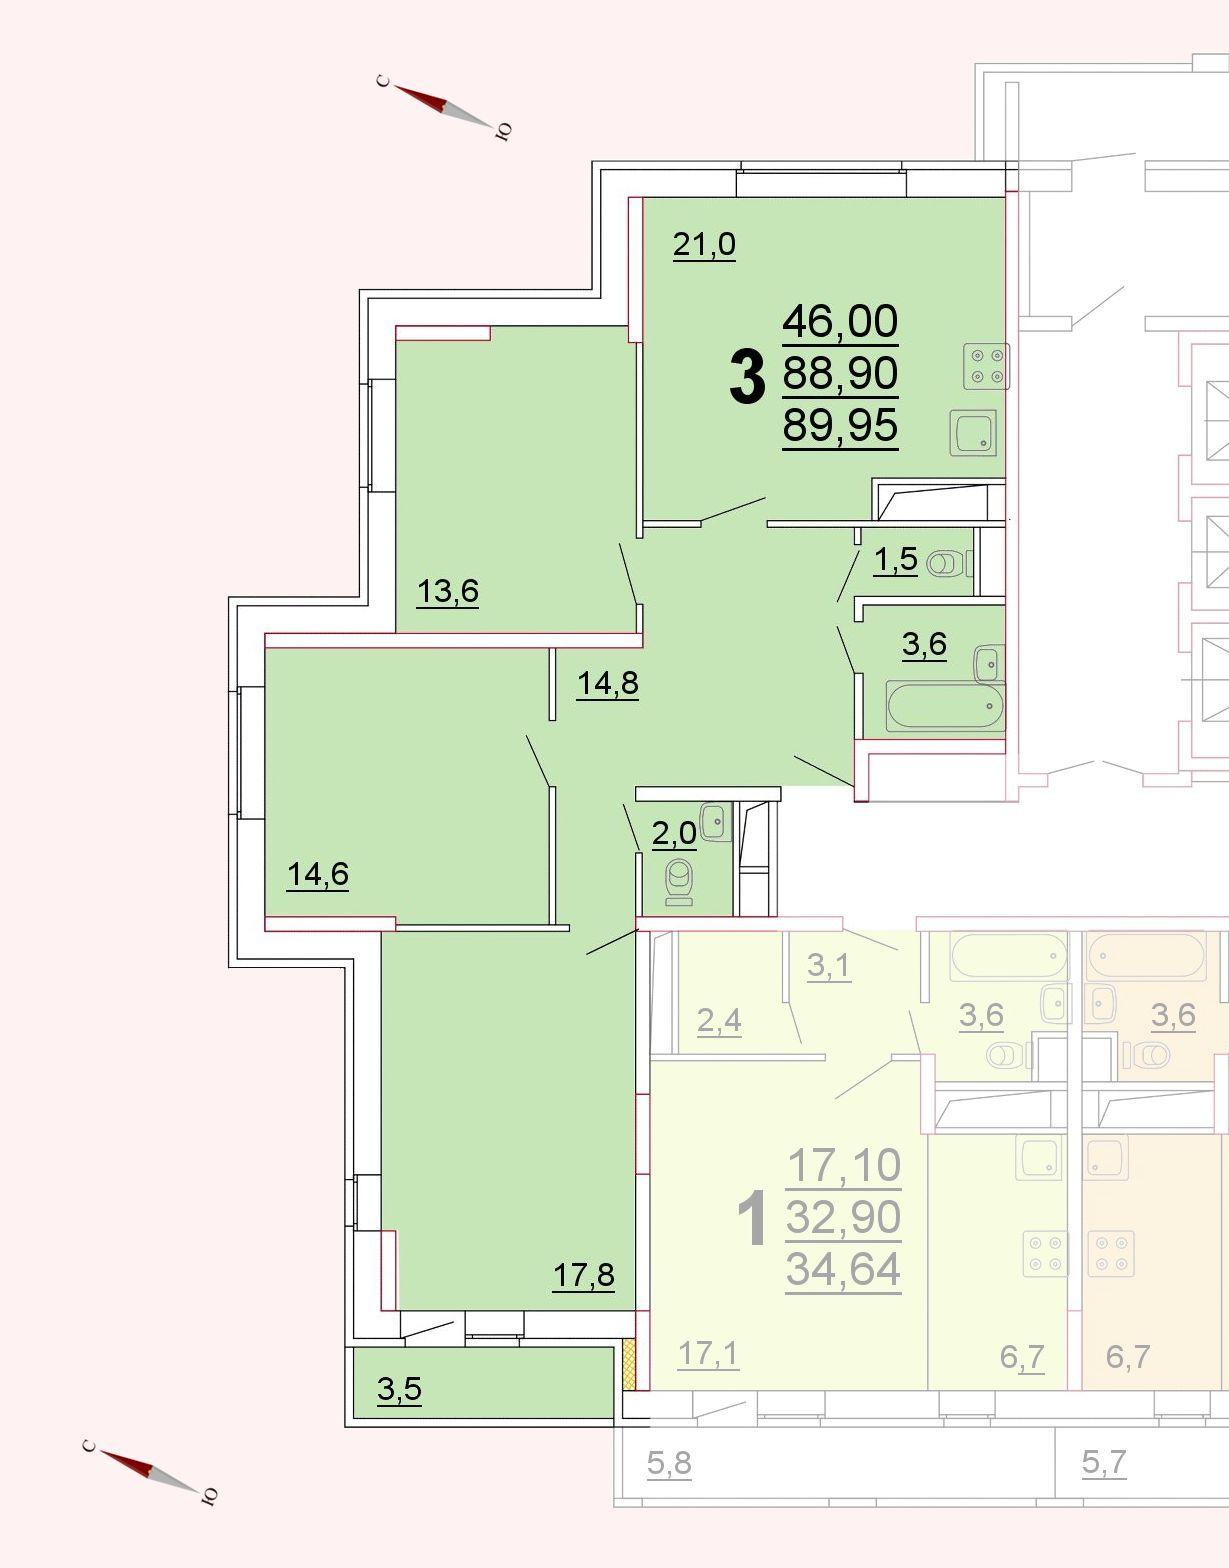 Микрорайон «Центральный», корпус 52г, секция 1, квартира 89,95 м2